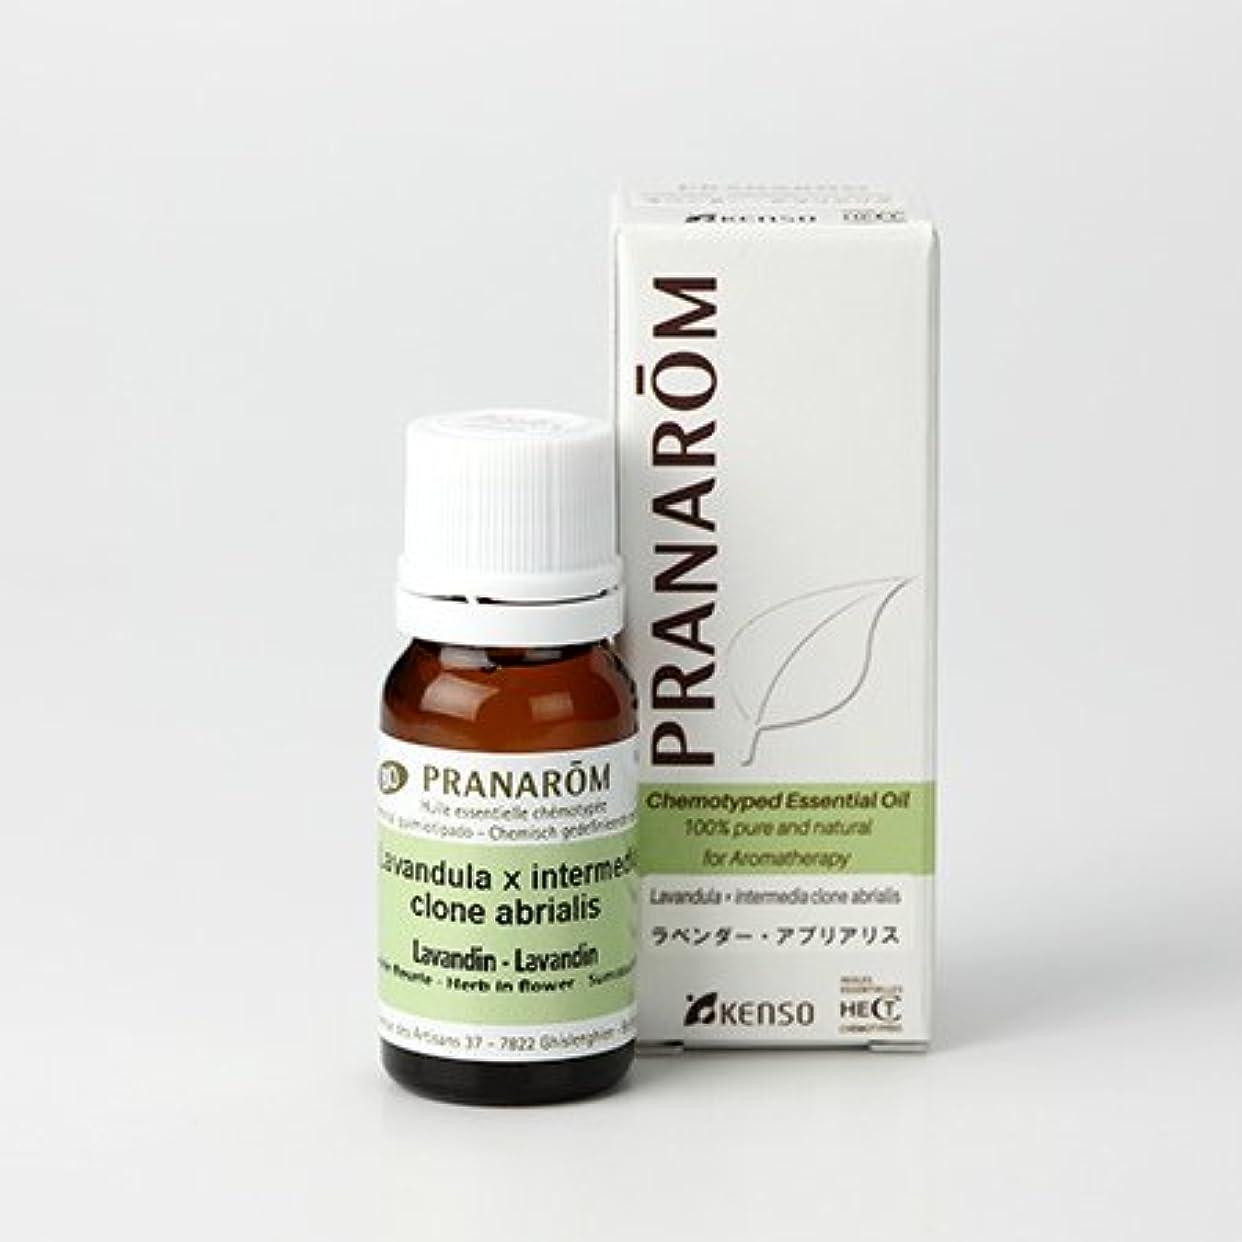 楕円形添加剤汚染プラナロム ラベンダー アブリアリス 10ml (PRANAROM ケモタイプ精油)